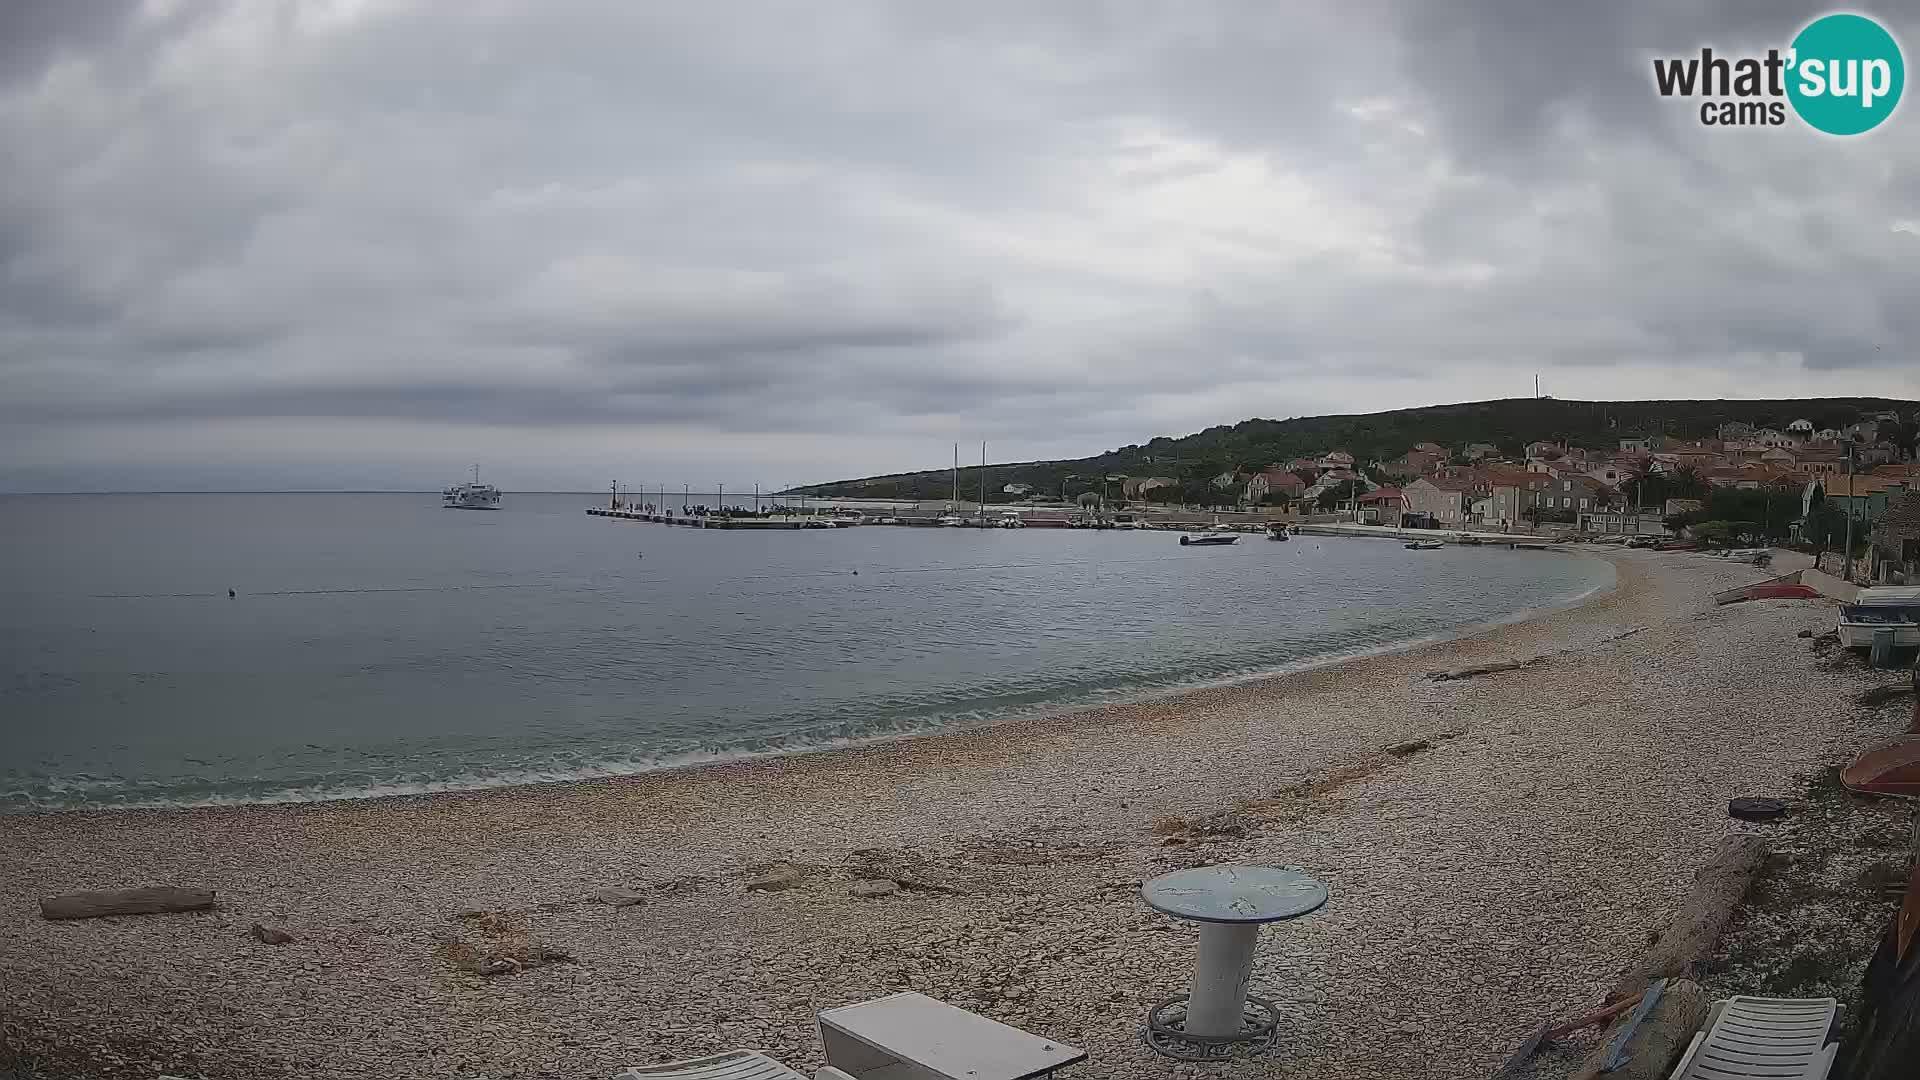 La Spiaggia di Unie webcam